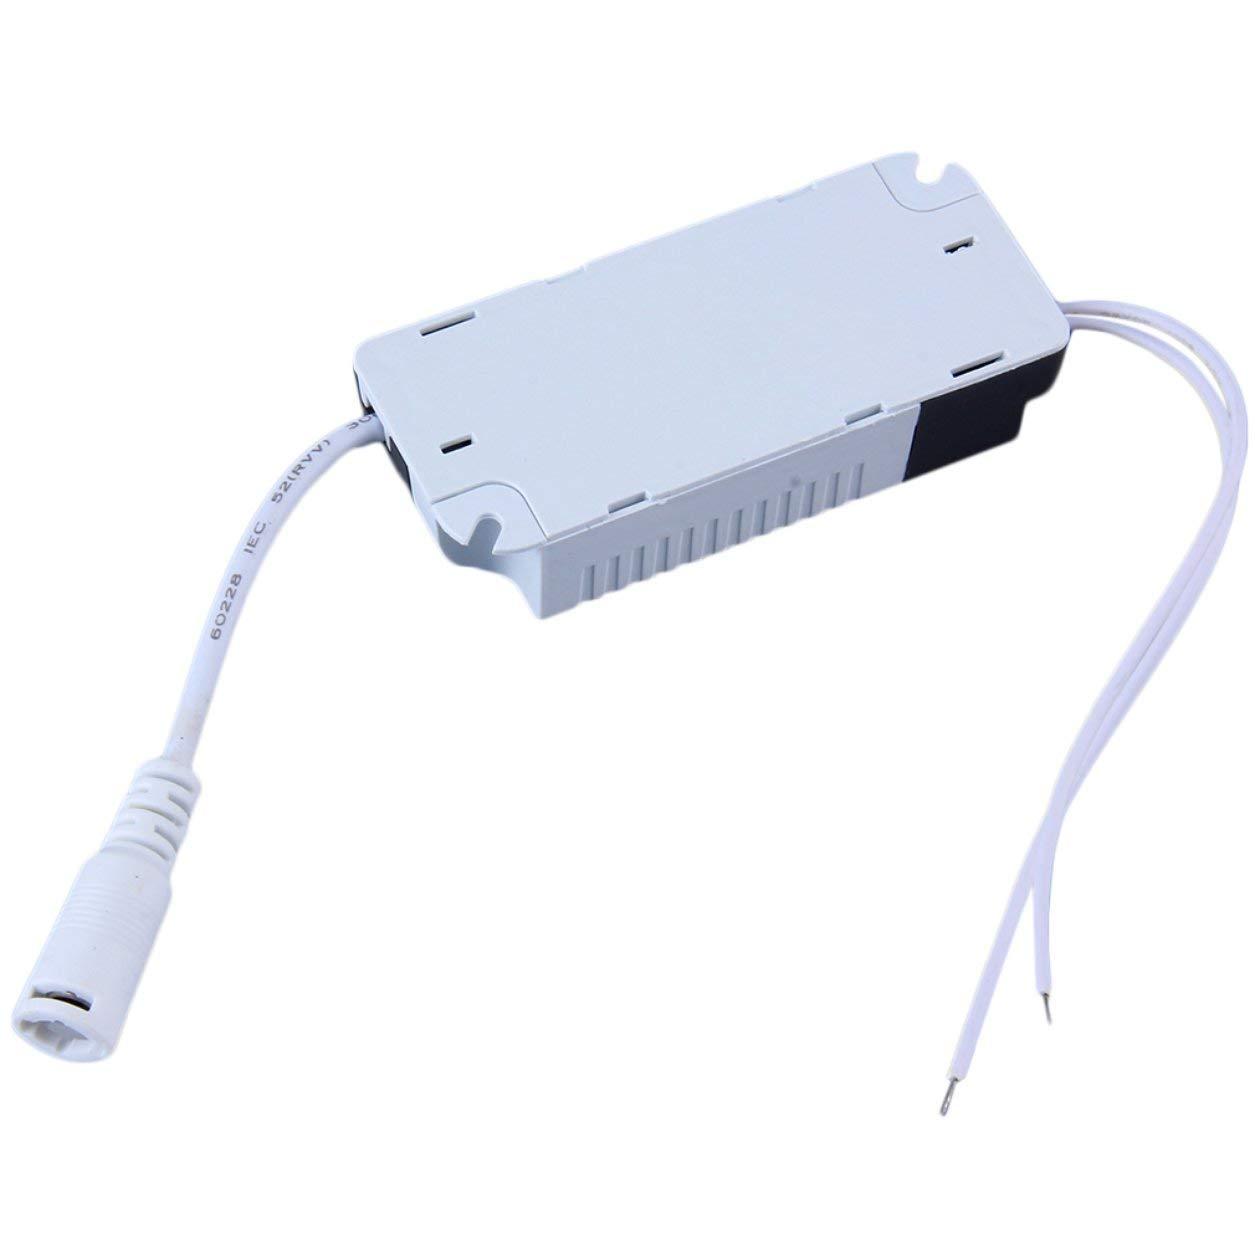 Dimmable LED Light Driver Driver Alimentation du transformateur 6//9//12//15//18 Couleur: blanc 21W Assure Driver de connecteur CC externe pour alimentation de la lumi/ère de bande